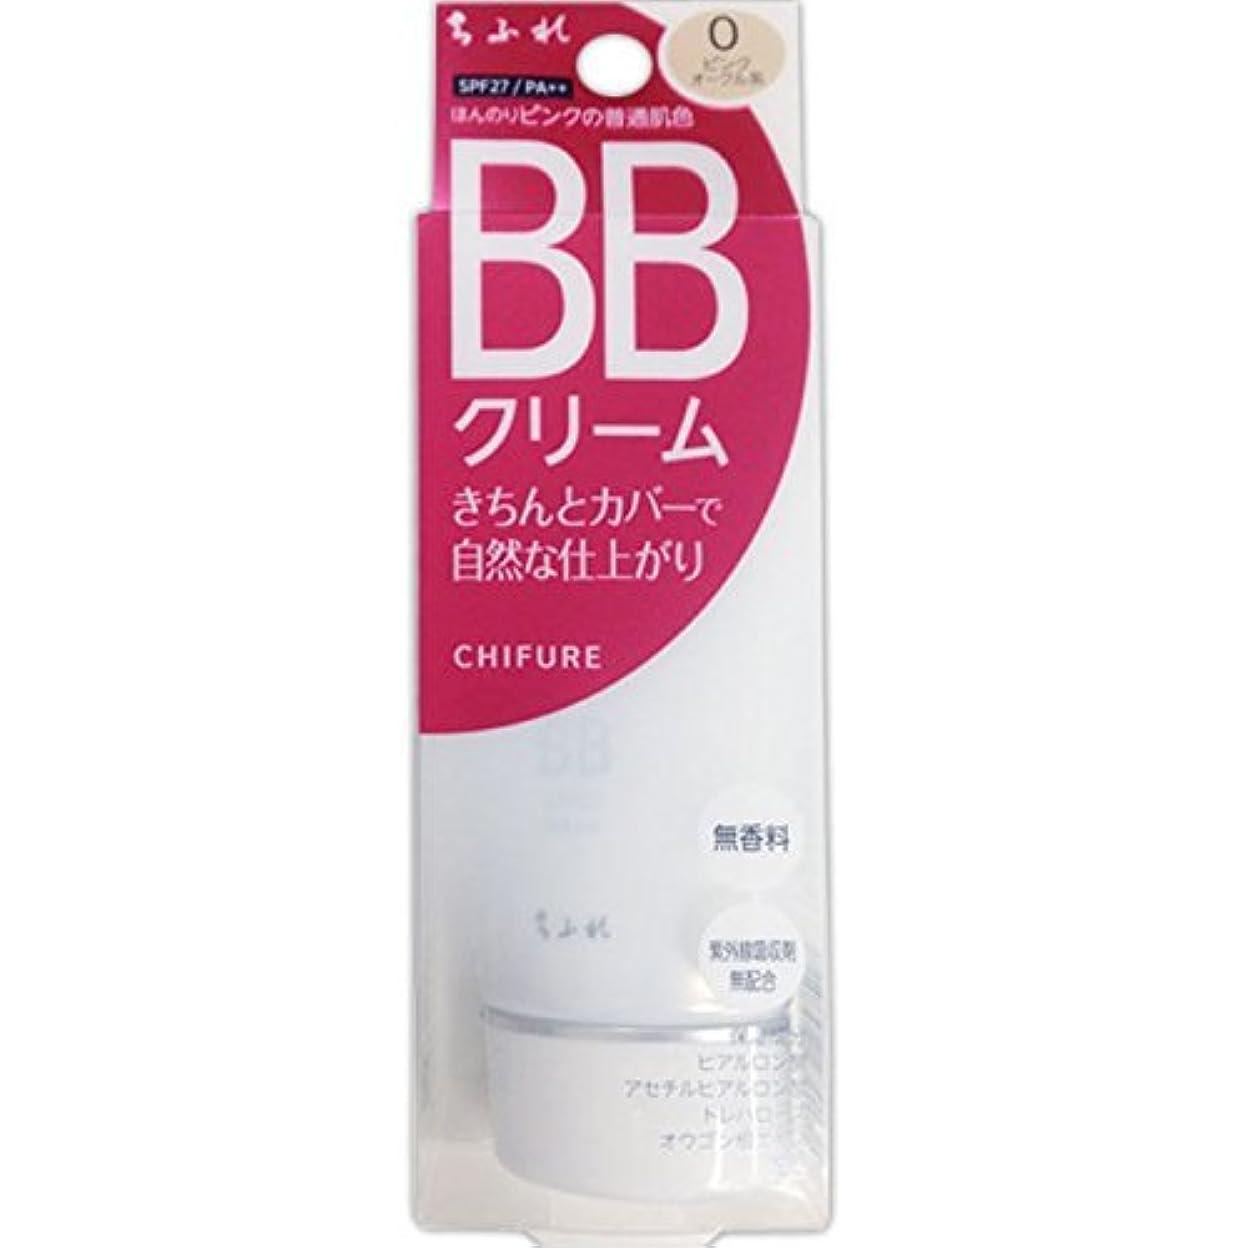 あえぎ管理しますうなり声ちふれ化粧品 BB クリーム ほんのりピンクの普通肌色 0